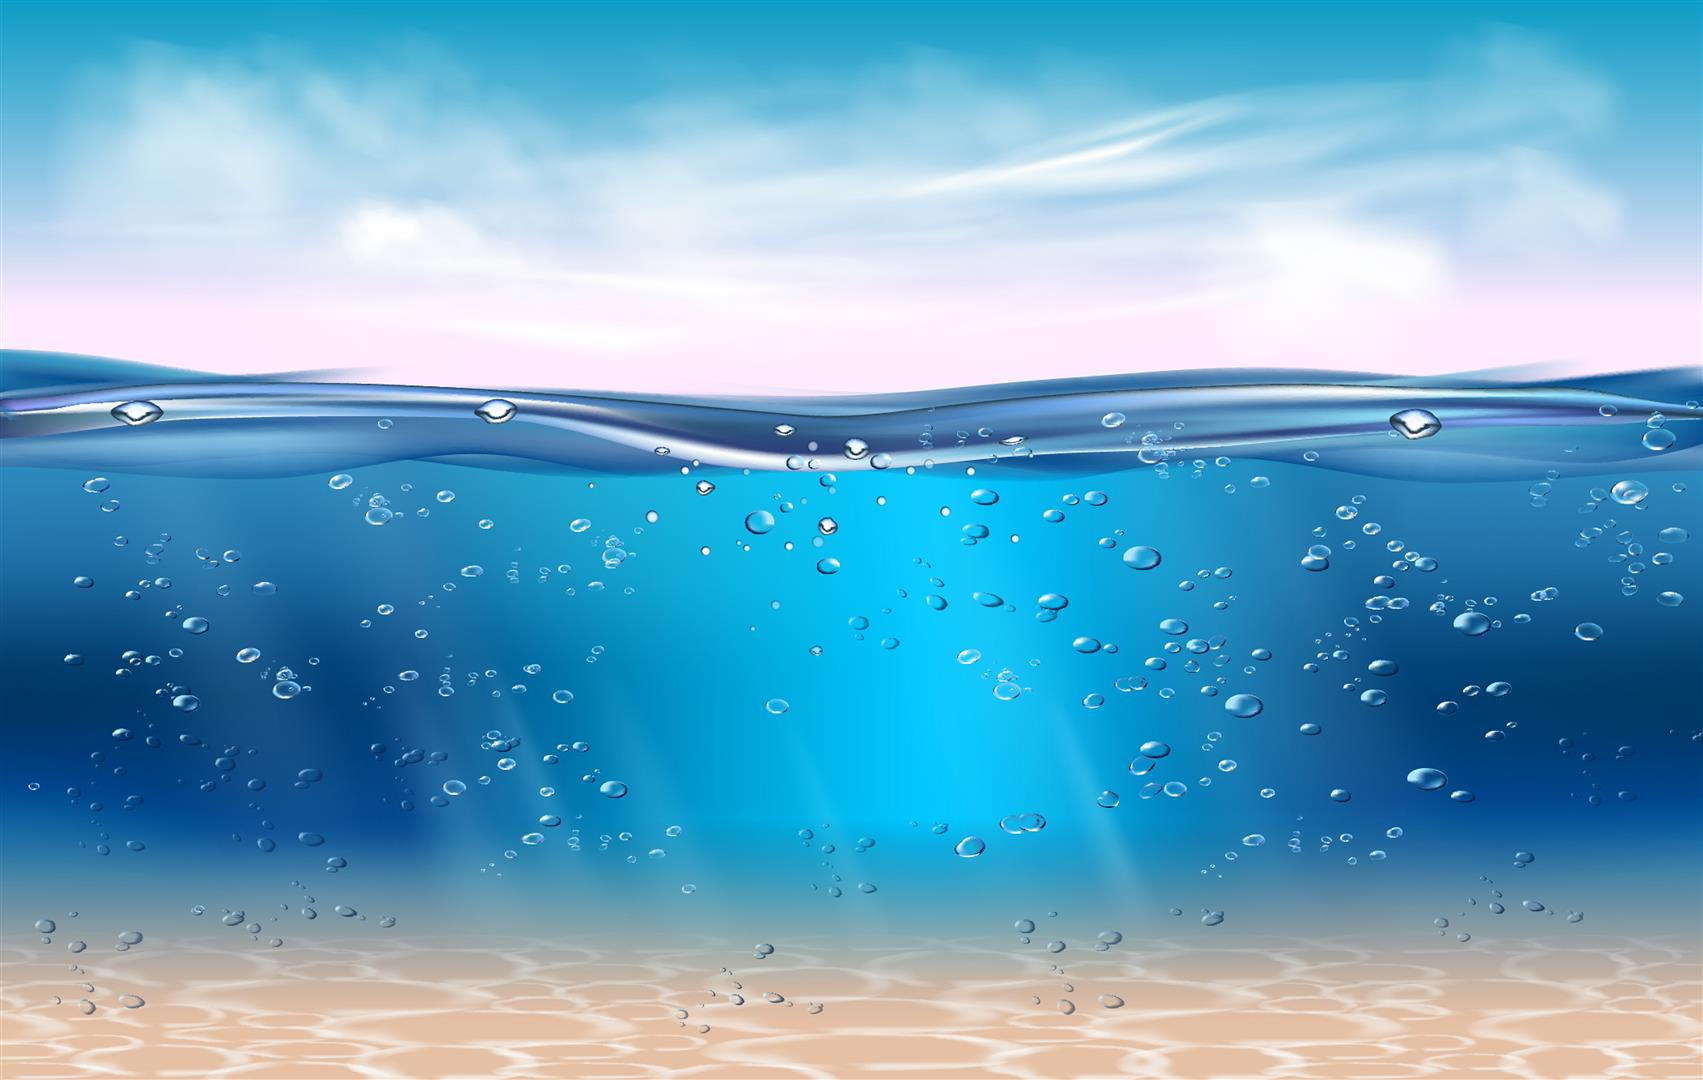 海洋圖片 免費下載   天天瘋後製